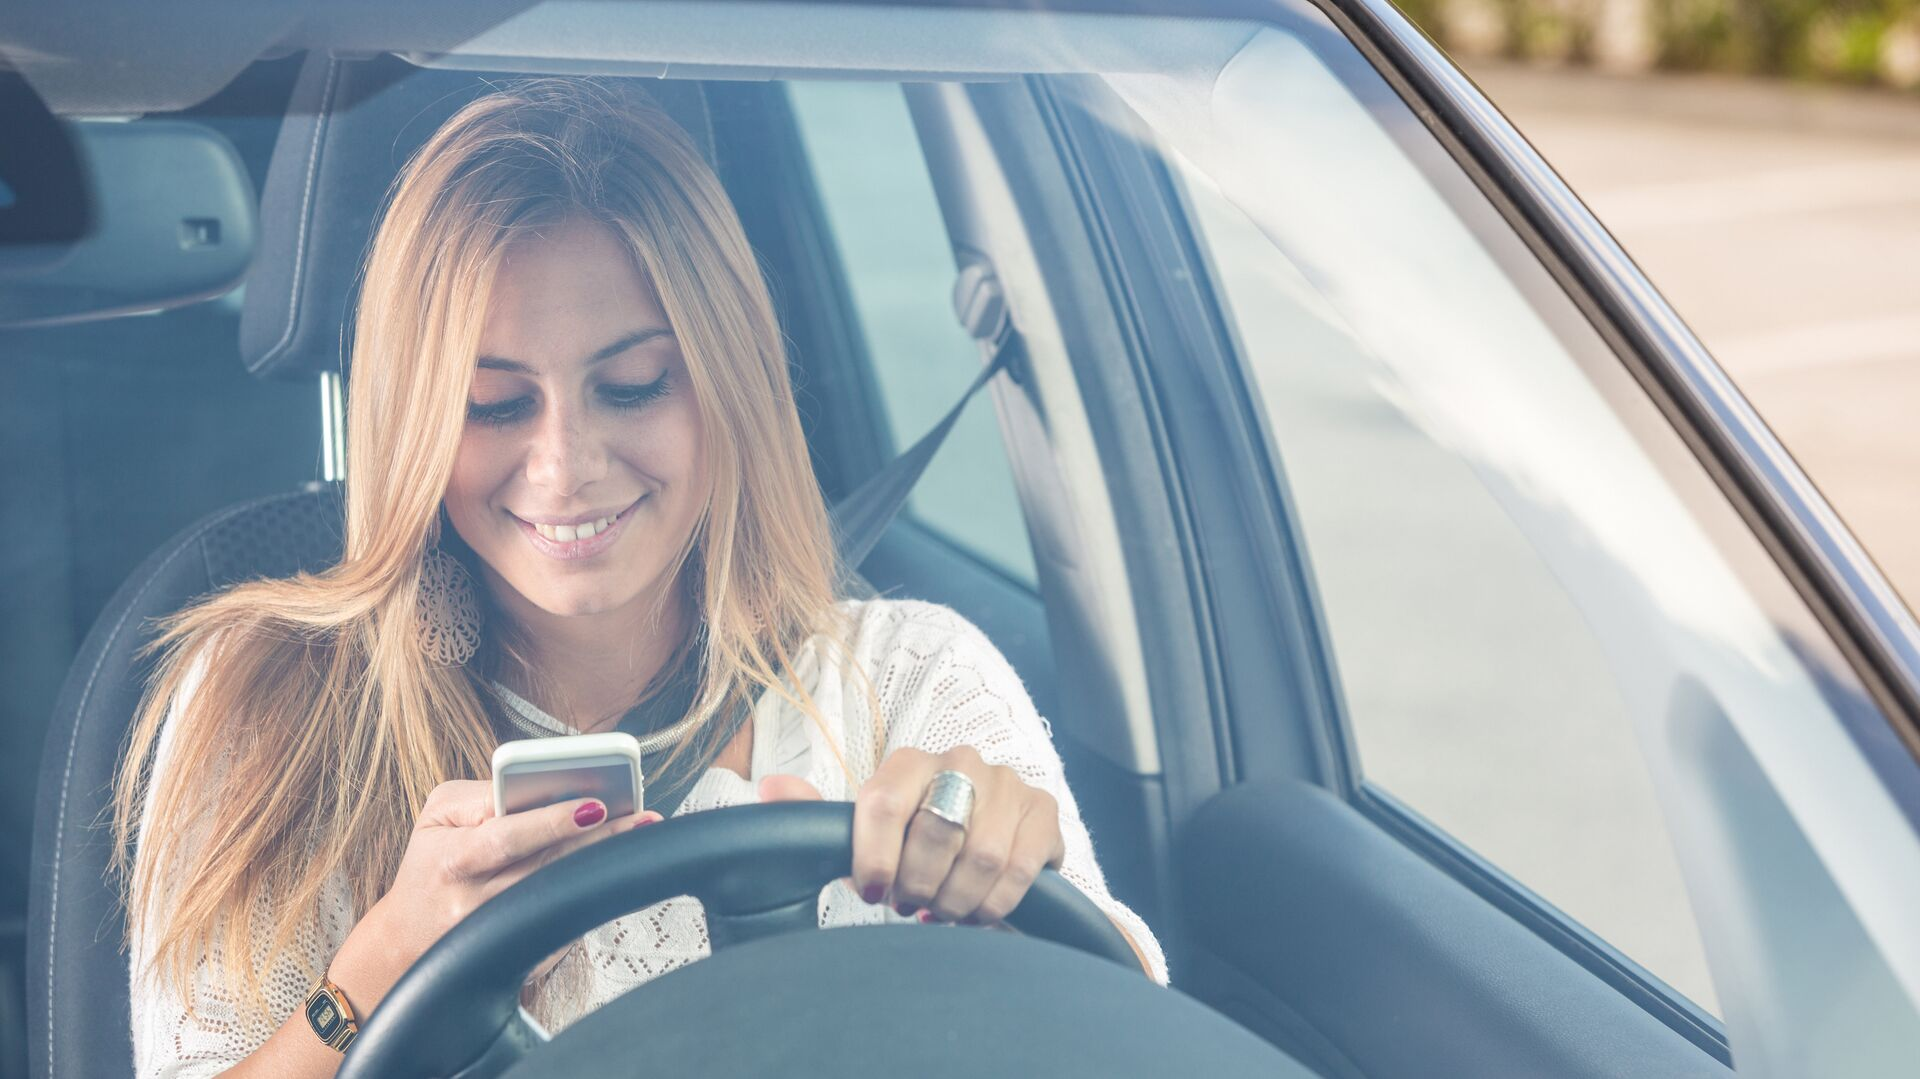 Девушка пользуется мобильным телефоном за рулем автомобиля - РИА Новости, 1920, 22.07.2021